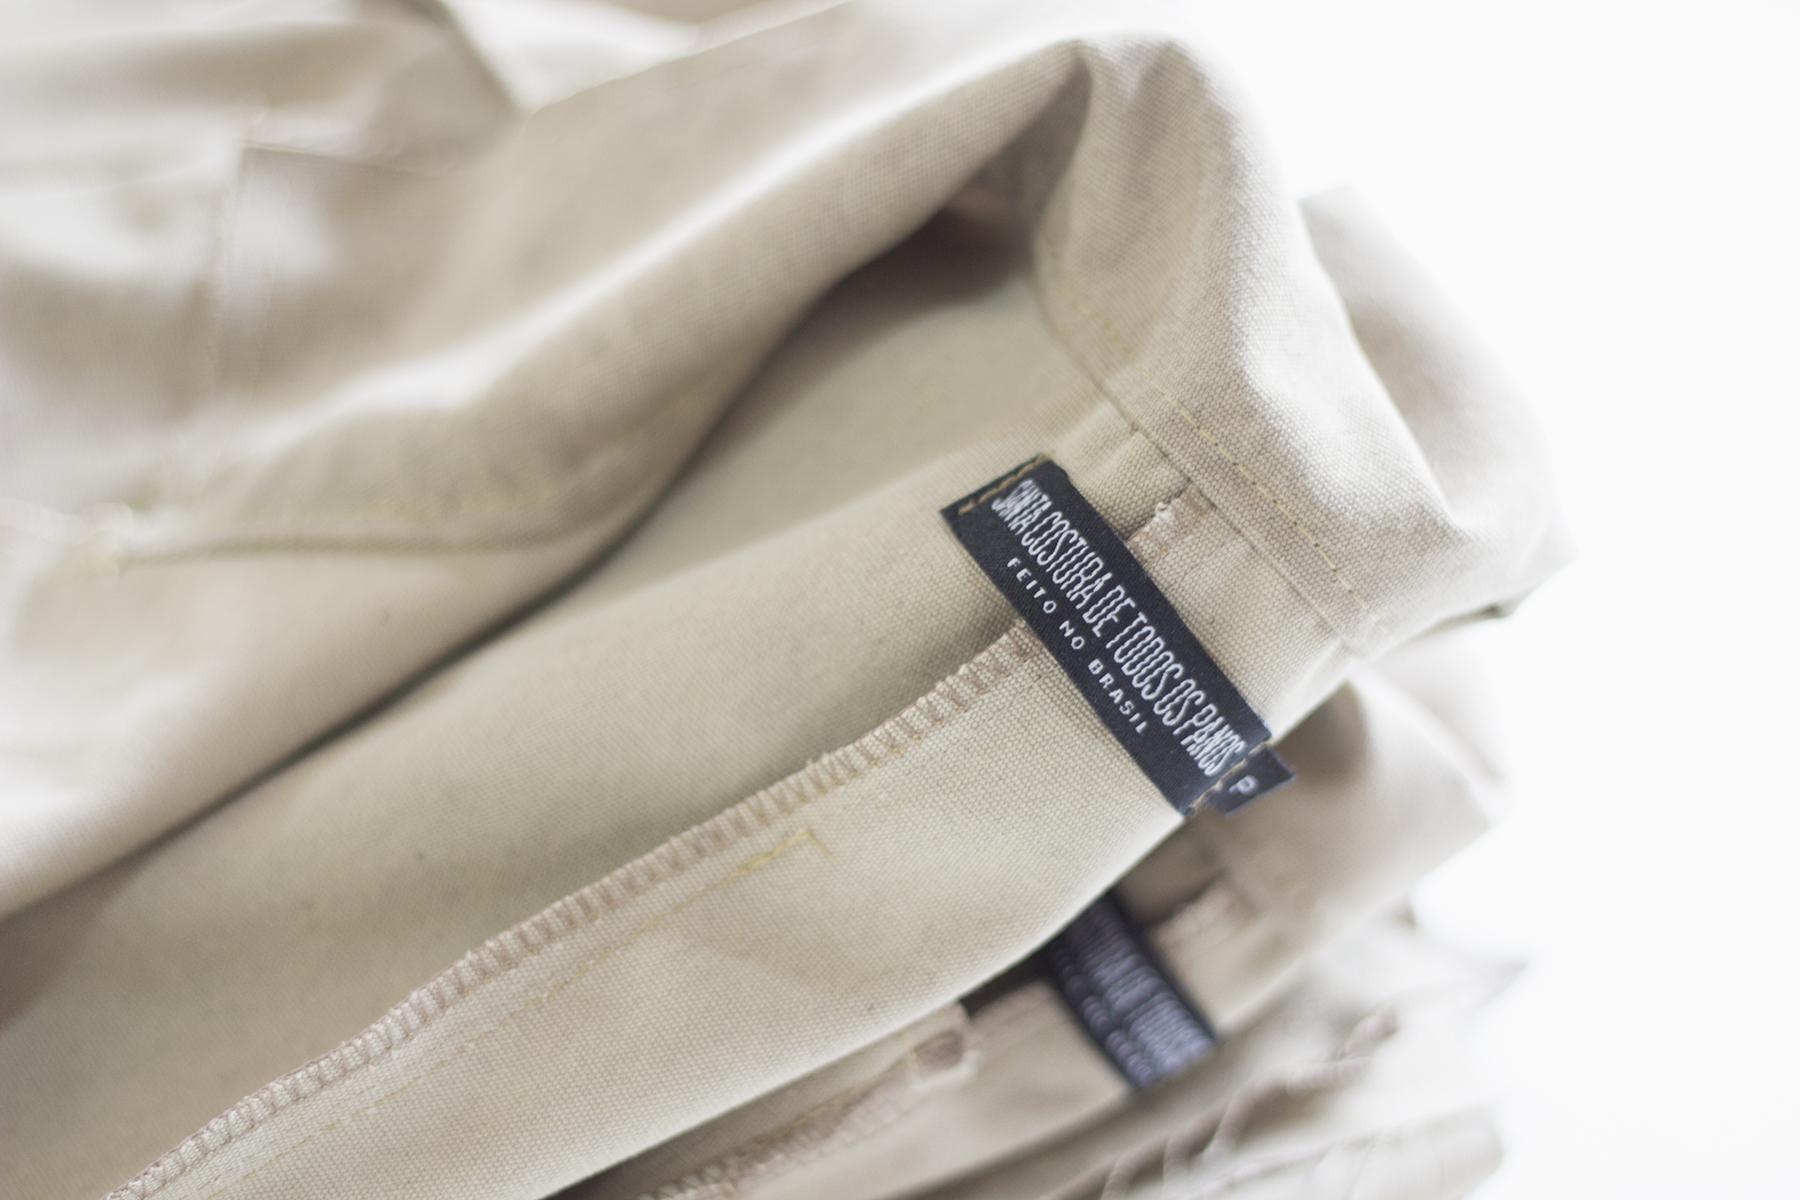 Marca slow fashion usa lonas e redes tirados do mar para criar coleção11